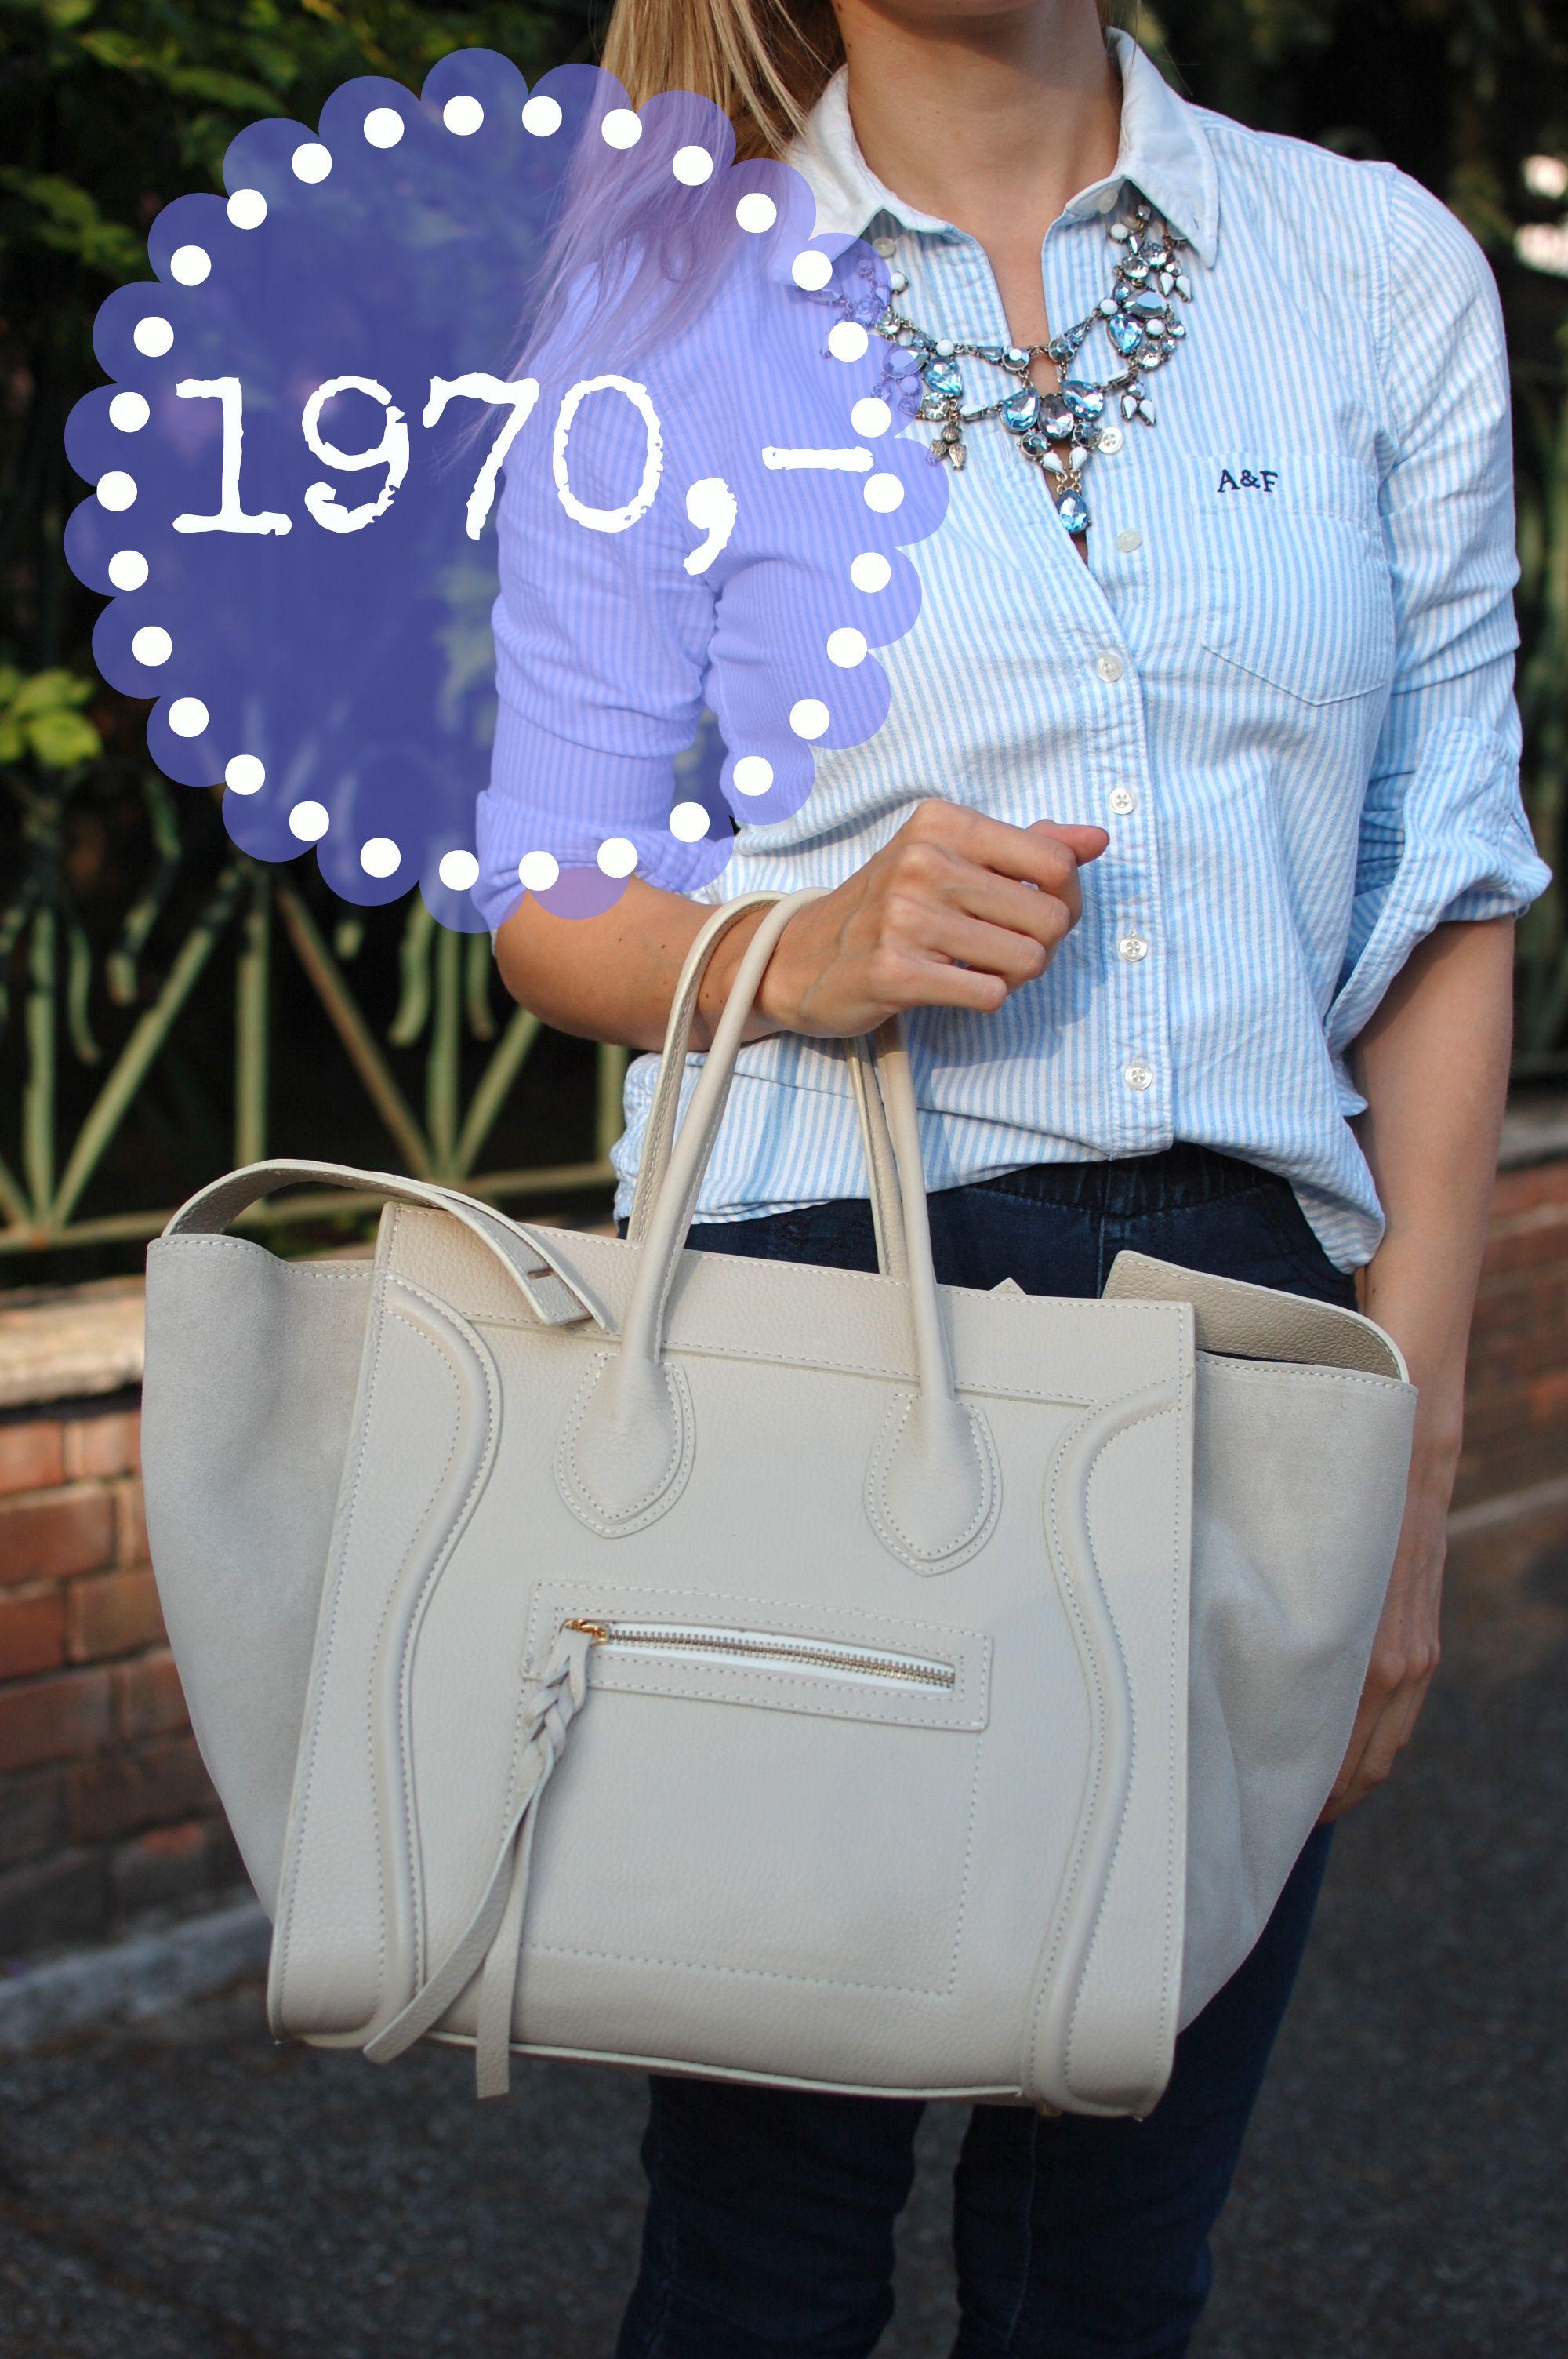 Krémová kožená kabelka vyrobená v Itálii, cena pro Facebook fanoušky jen 1970 Kč Sledujte Facebook Siena Style